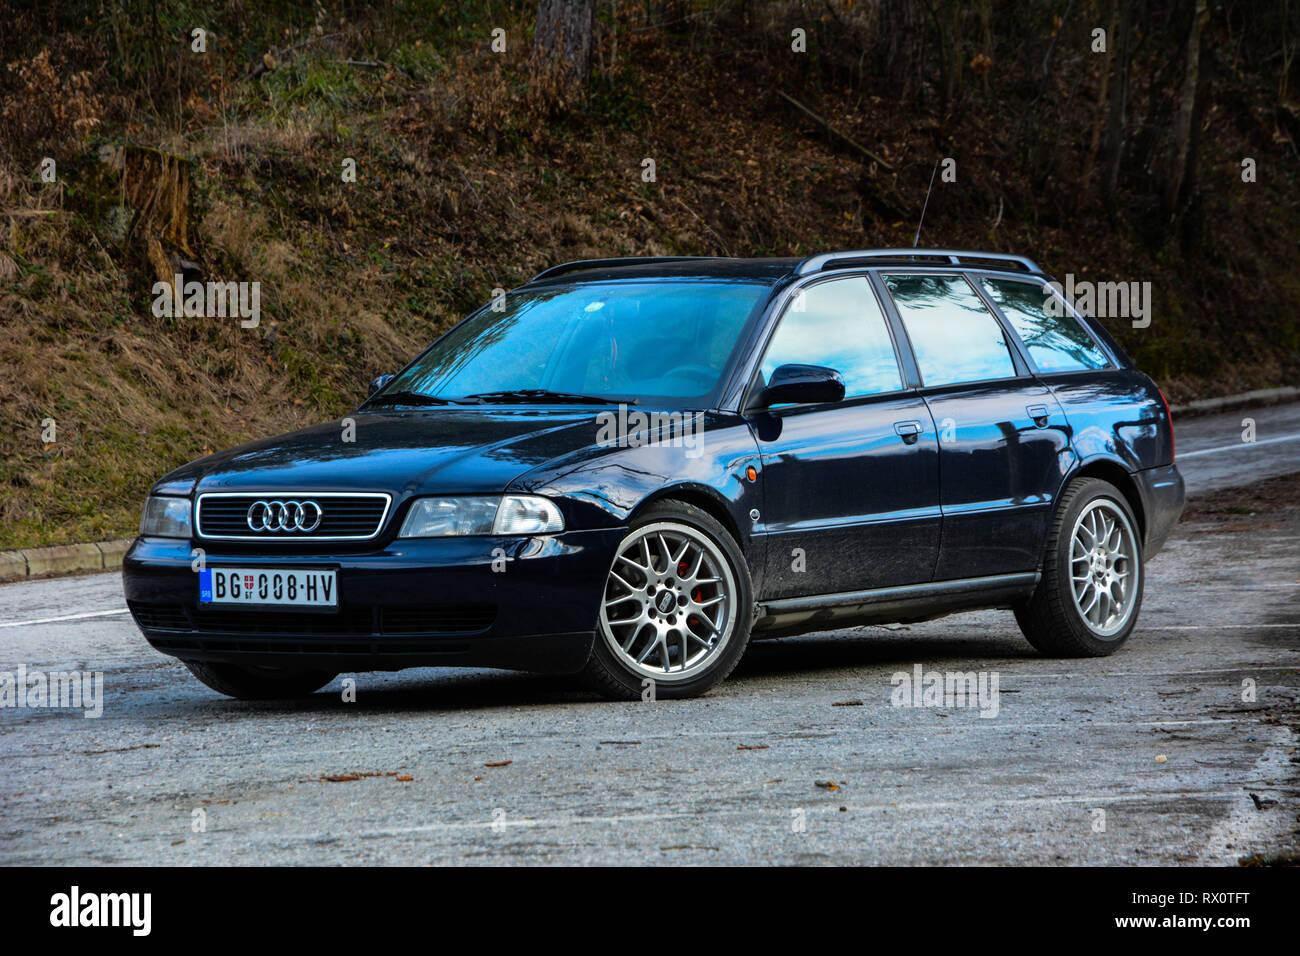 Kelebihan Kekurangan Audi B5 Top Model Tahun Ini